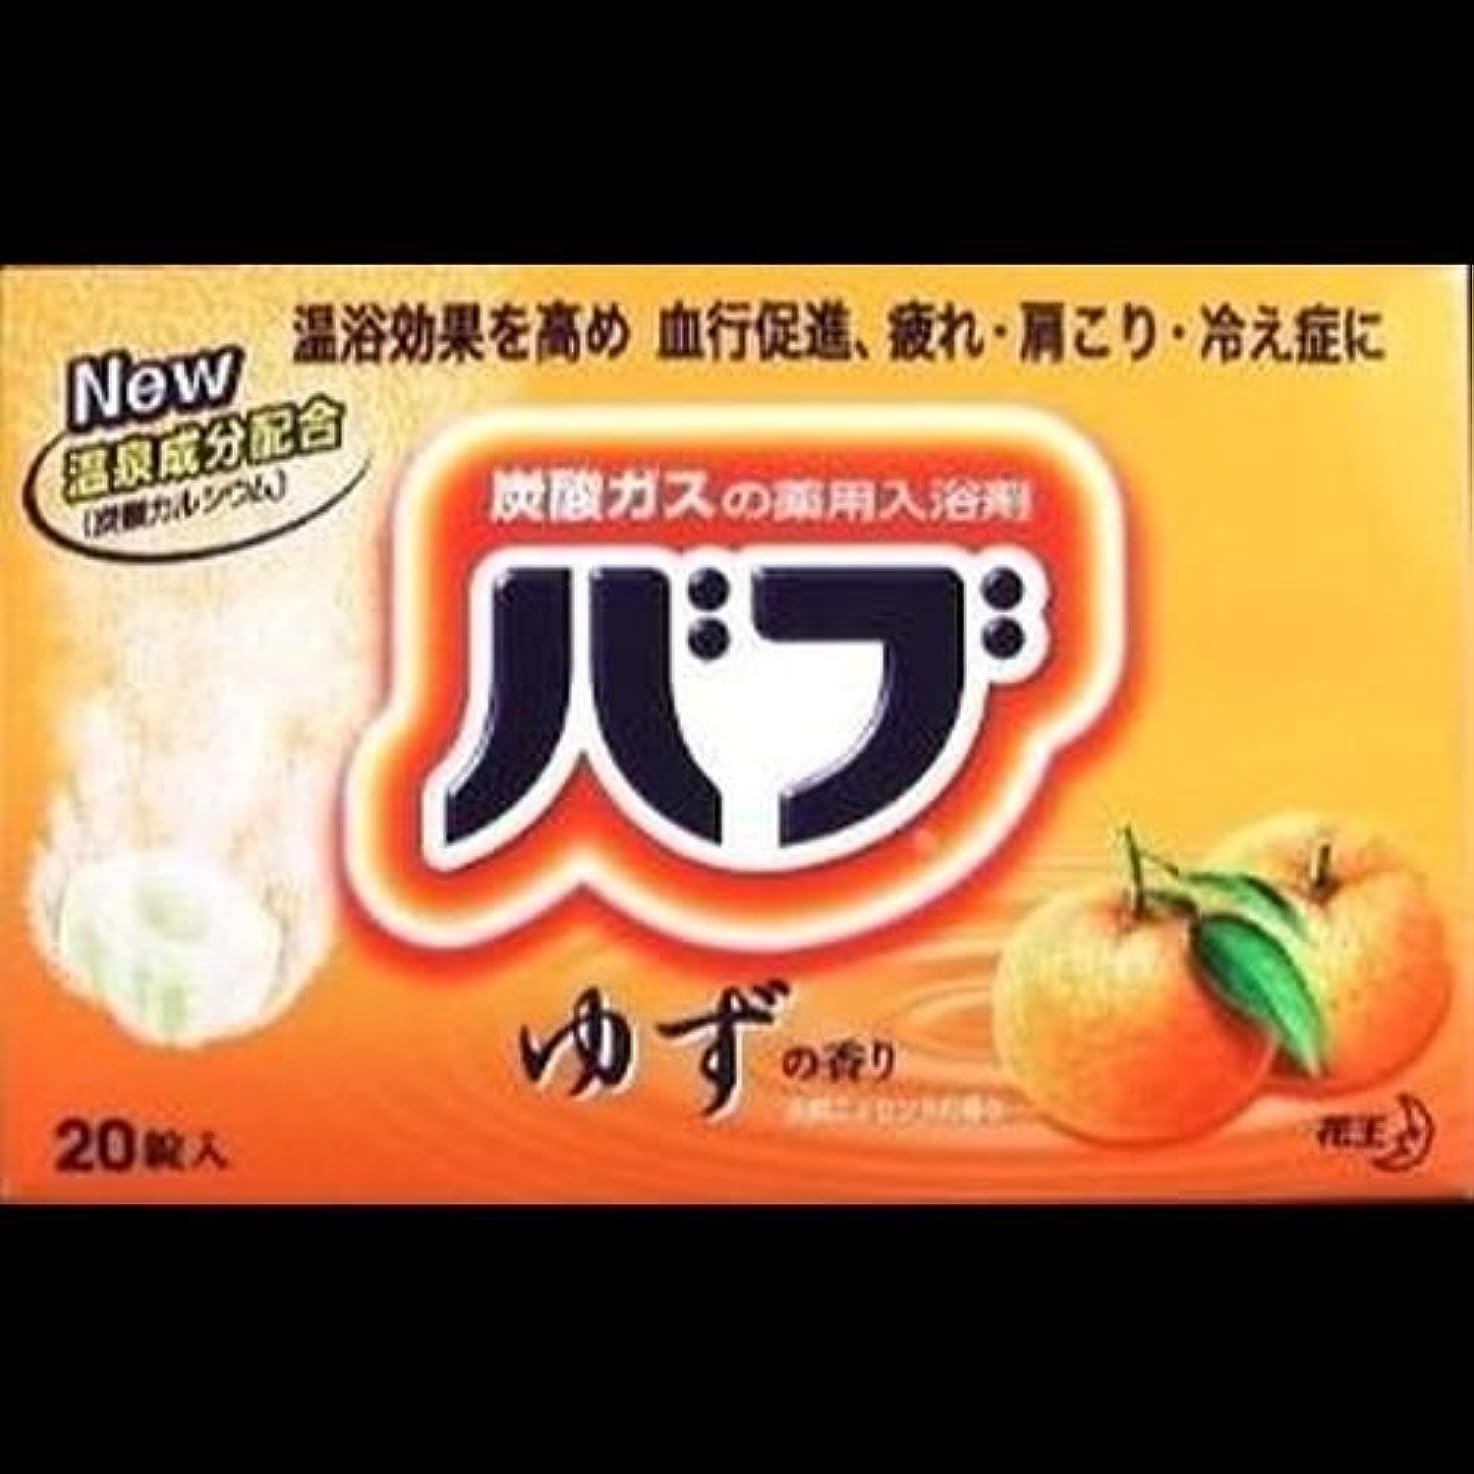 即席見積り詐欺師【まとめ買い】バブ ゆずの香り 20錠入 ×2セット